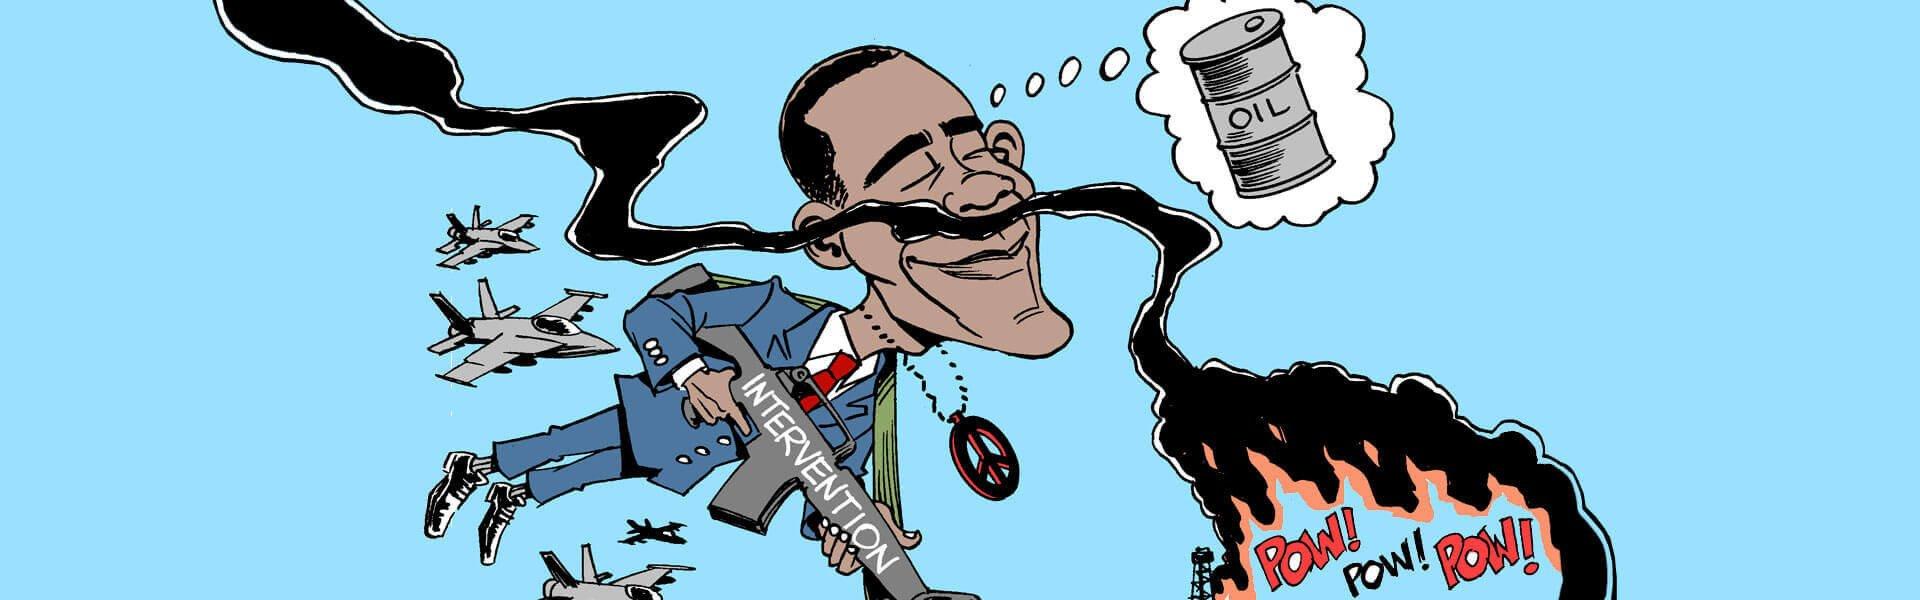 obama-foreign-policy-syria-lybia-intervention-anti-war-political-tshirts-carlos-latuff-prints_1_1